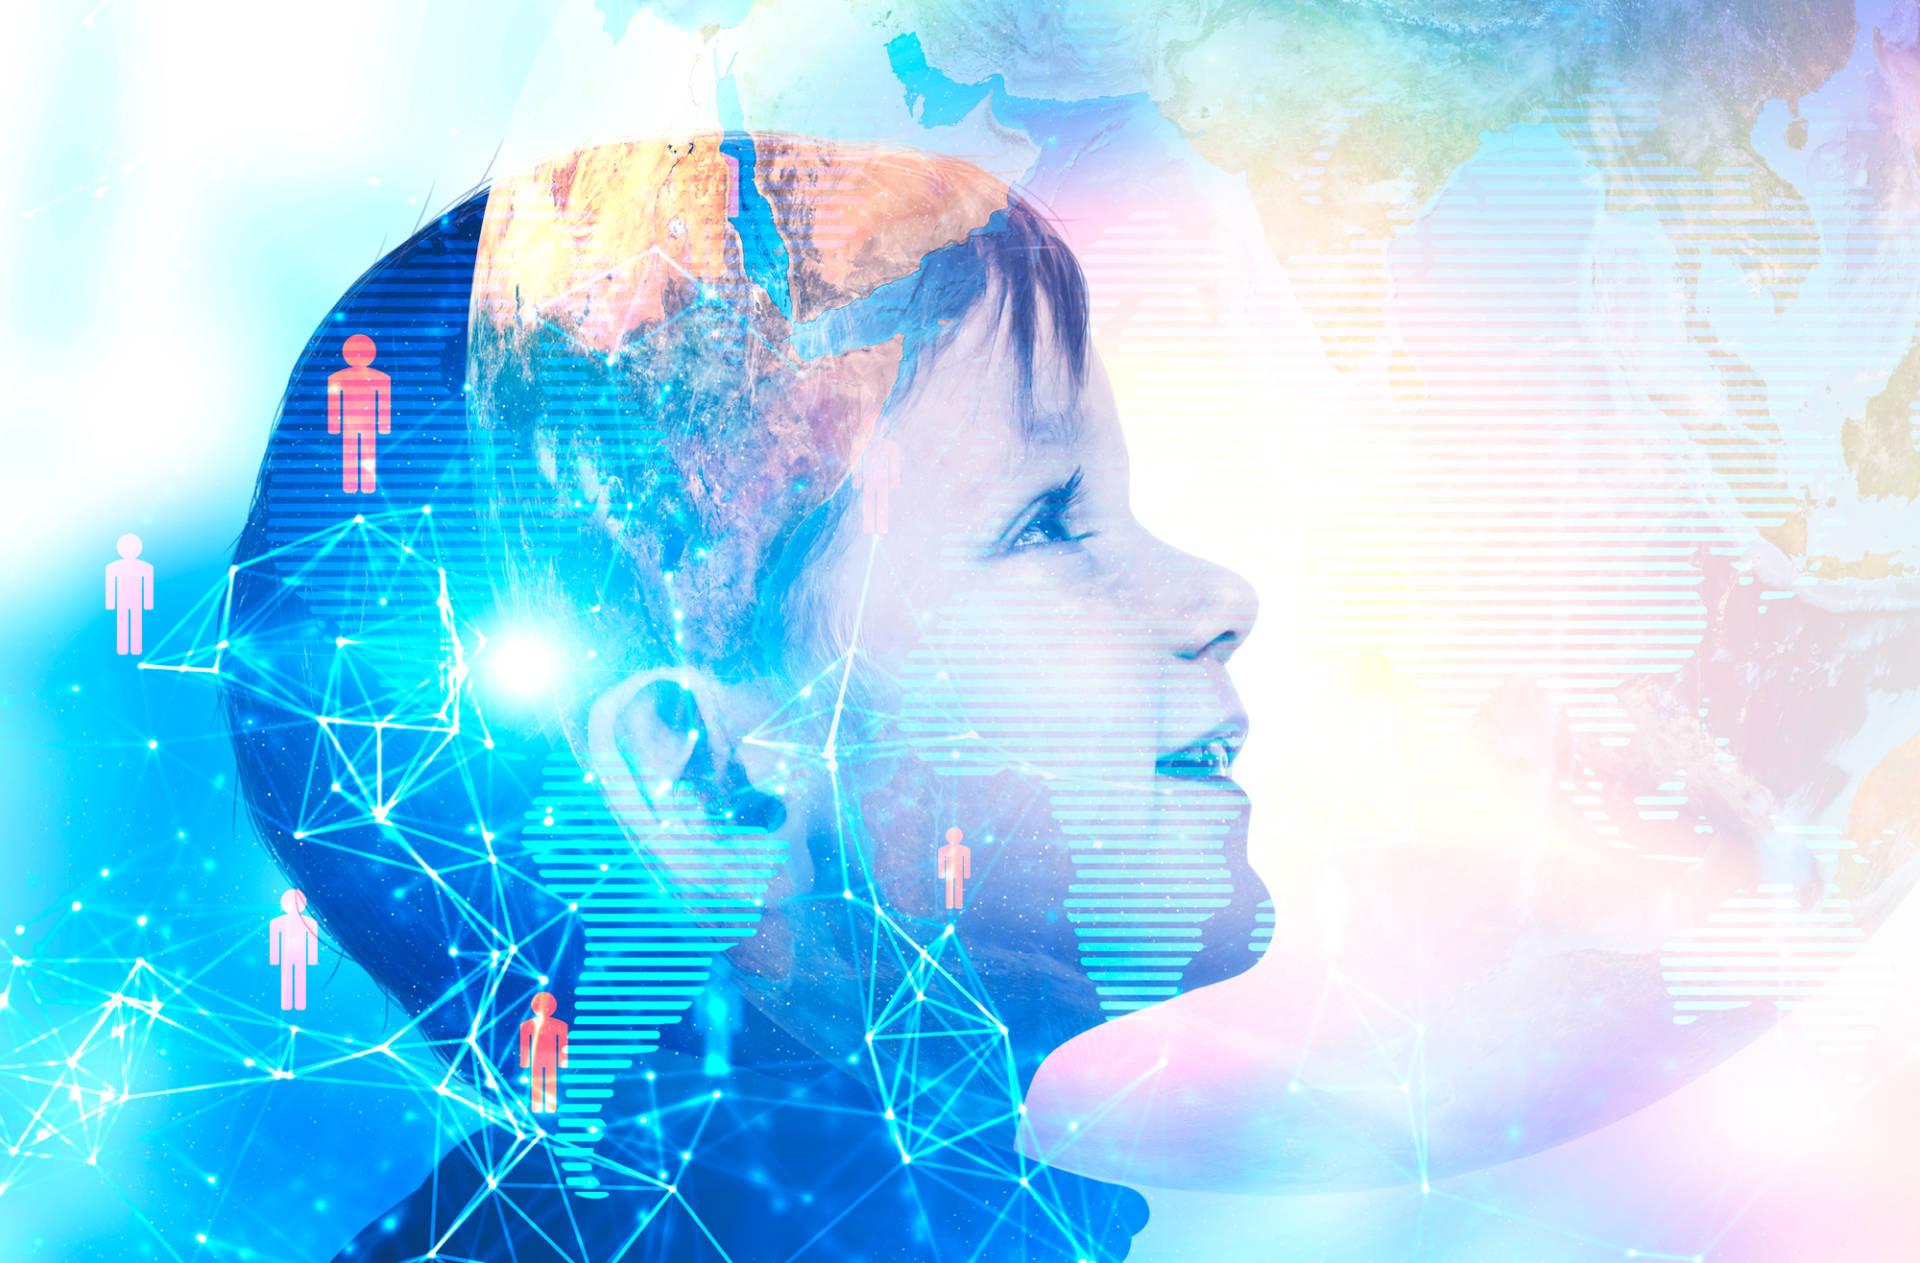 Digital Transformation: i 10 trend per il 2020